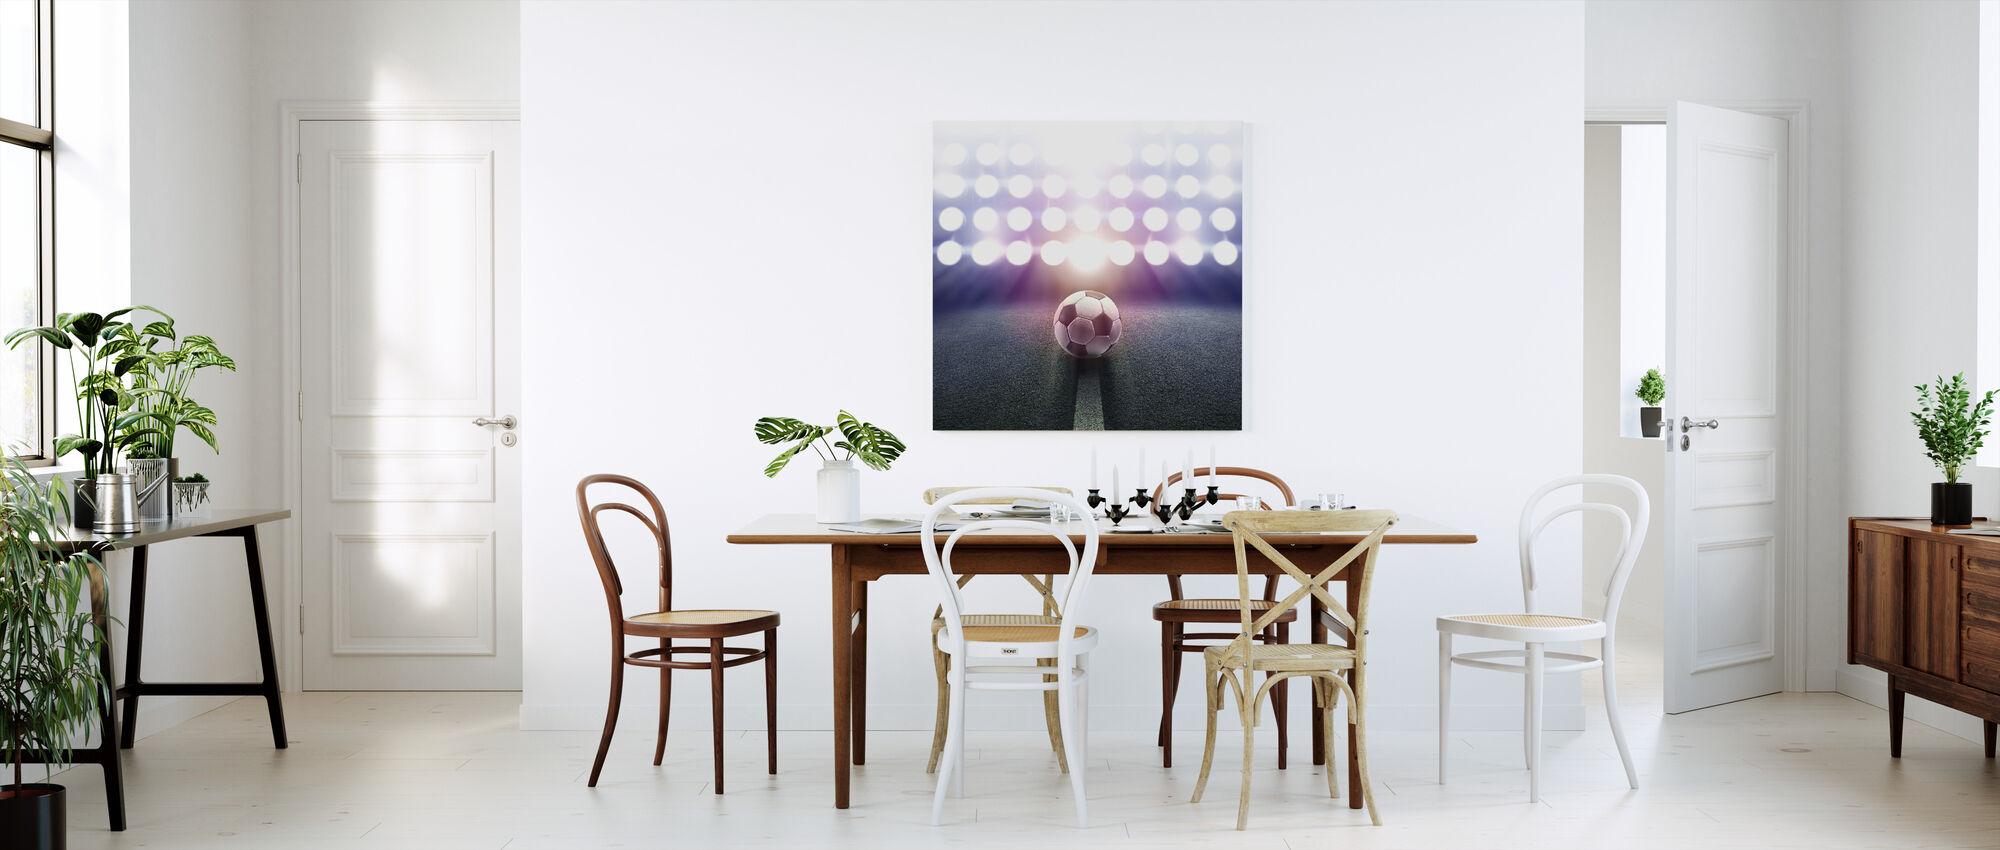 Spotlight Fotboll - Canvastavla - Kök